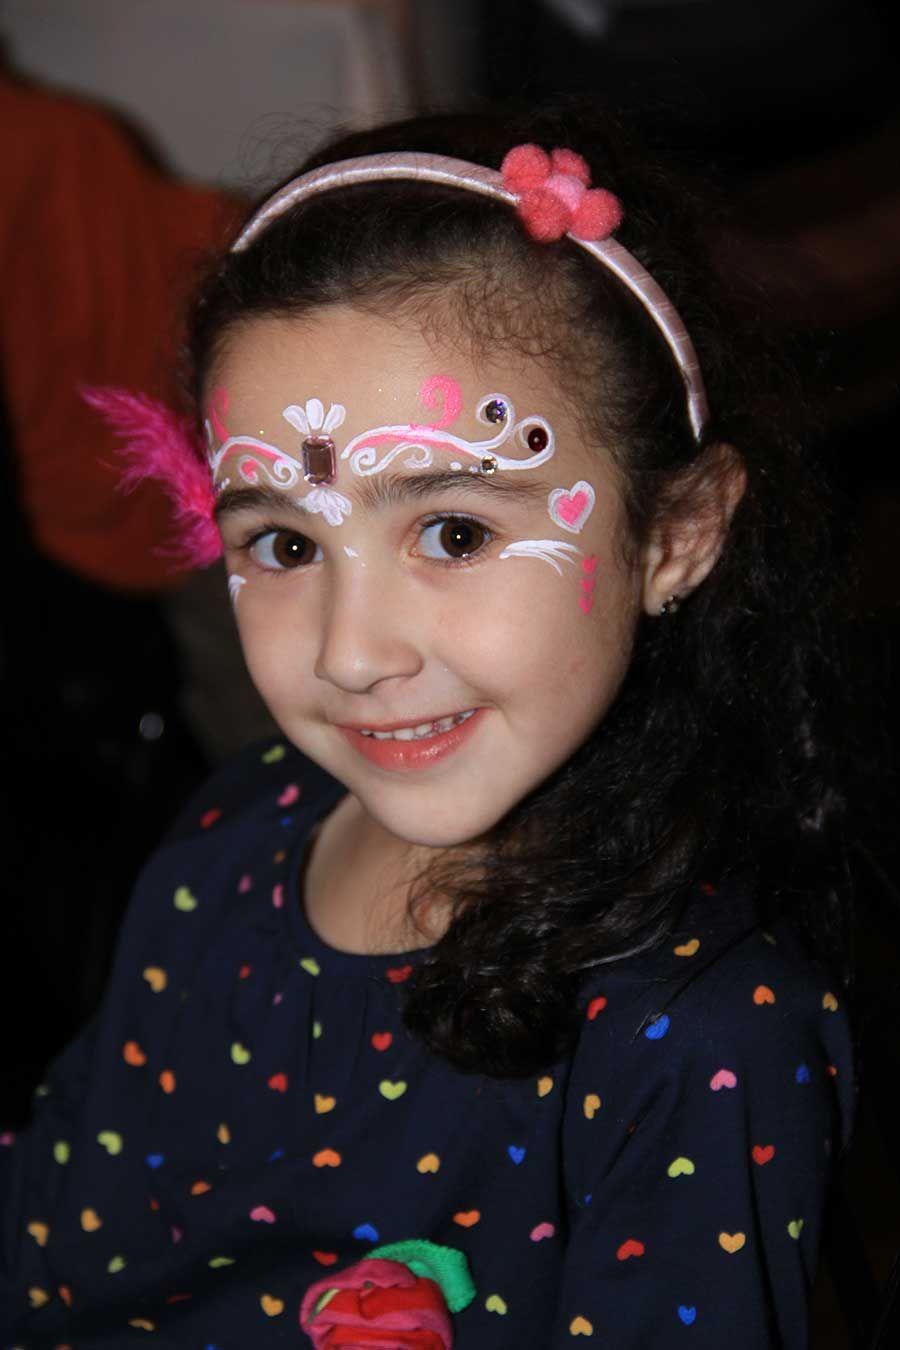 Fiestas Infantiles - Maquillaje infantil | Fiestas ...